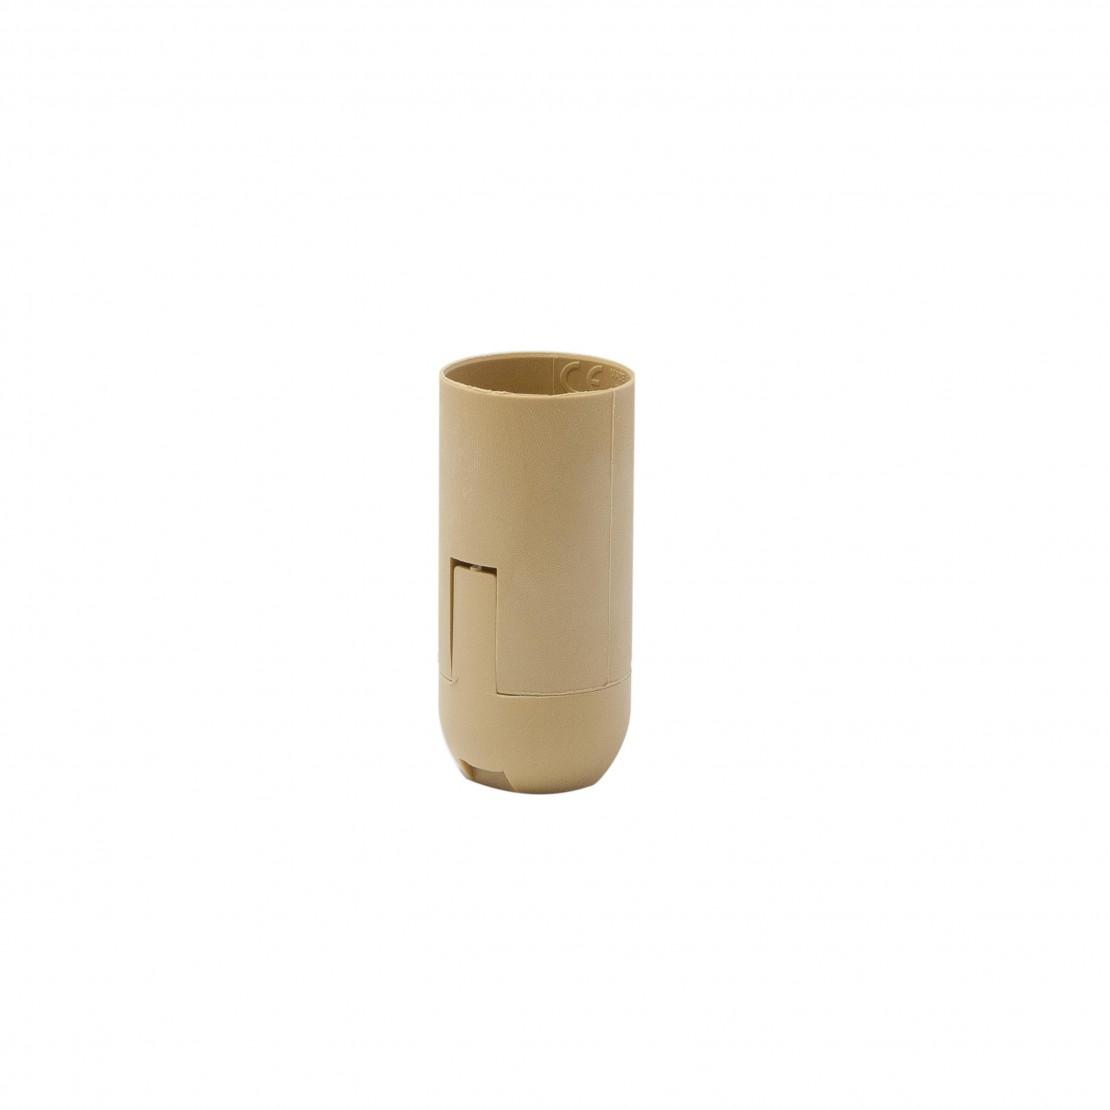 Casquilho liso E14 ligações rápidas - dourado